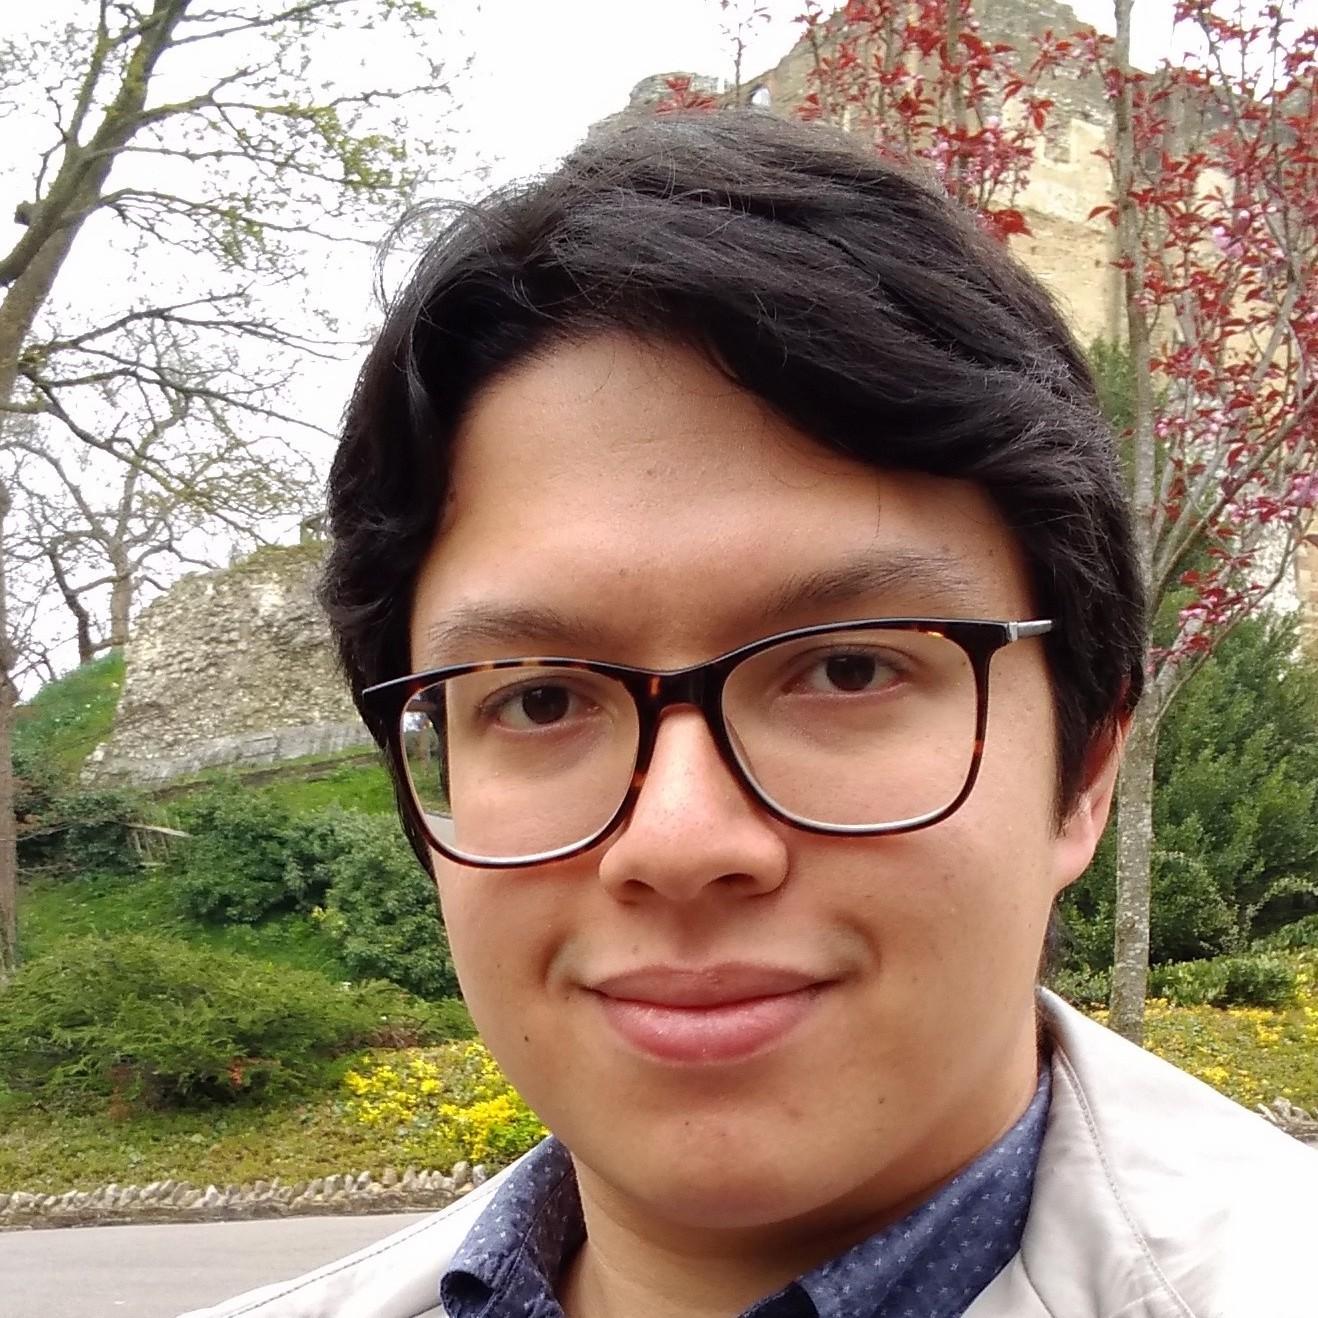 Daniel Peixoto Murata Photo